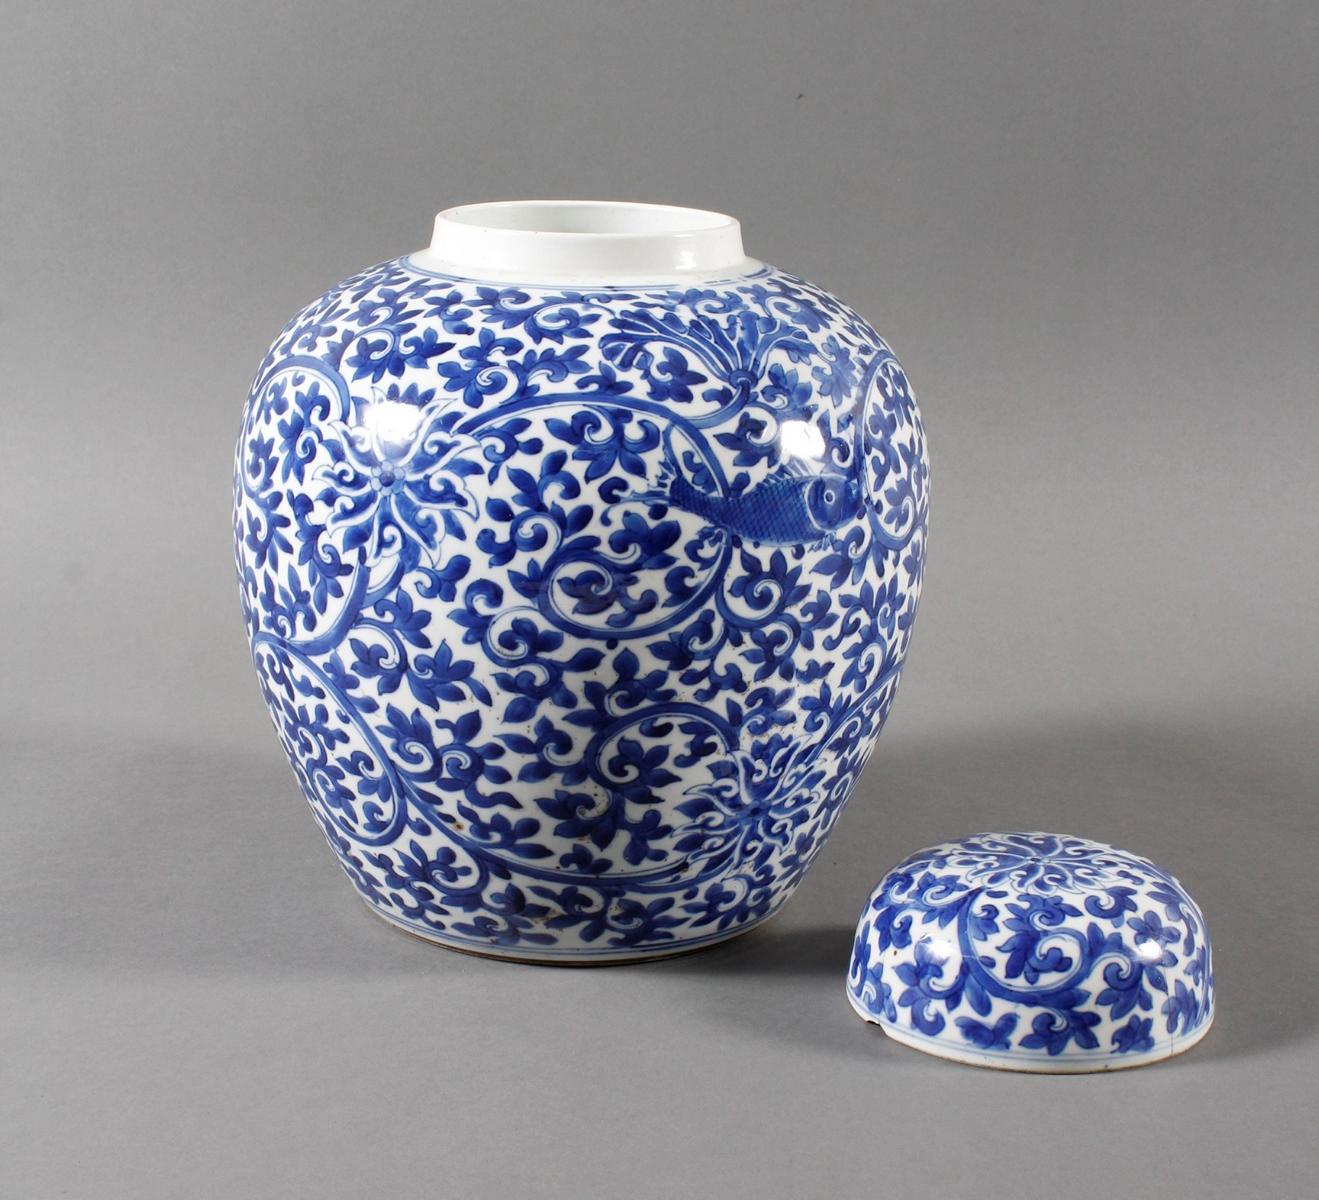 Blau-weiß Vase mit Deckel, Porzellan, China, Kang-hsi (1662-1722) Marke und Periode-4